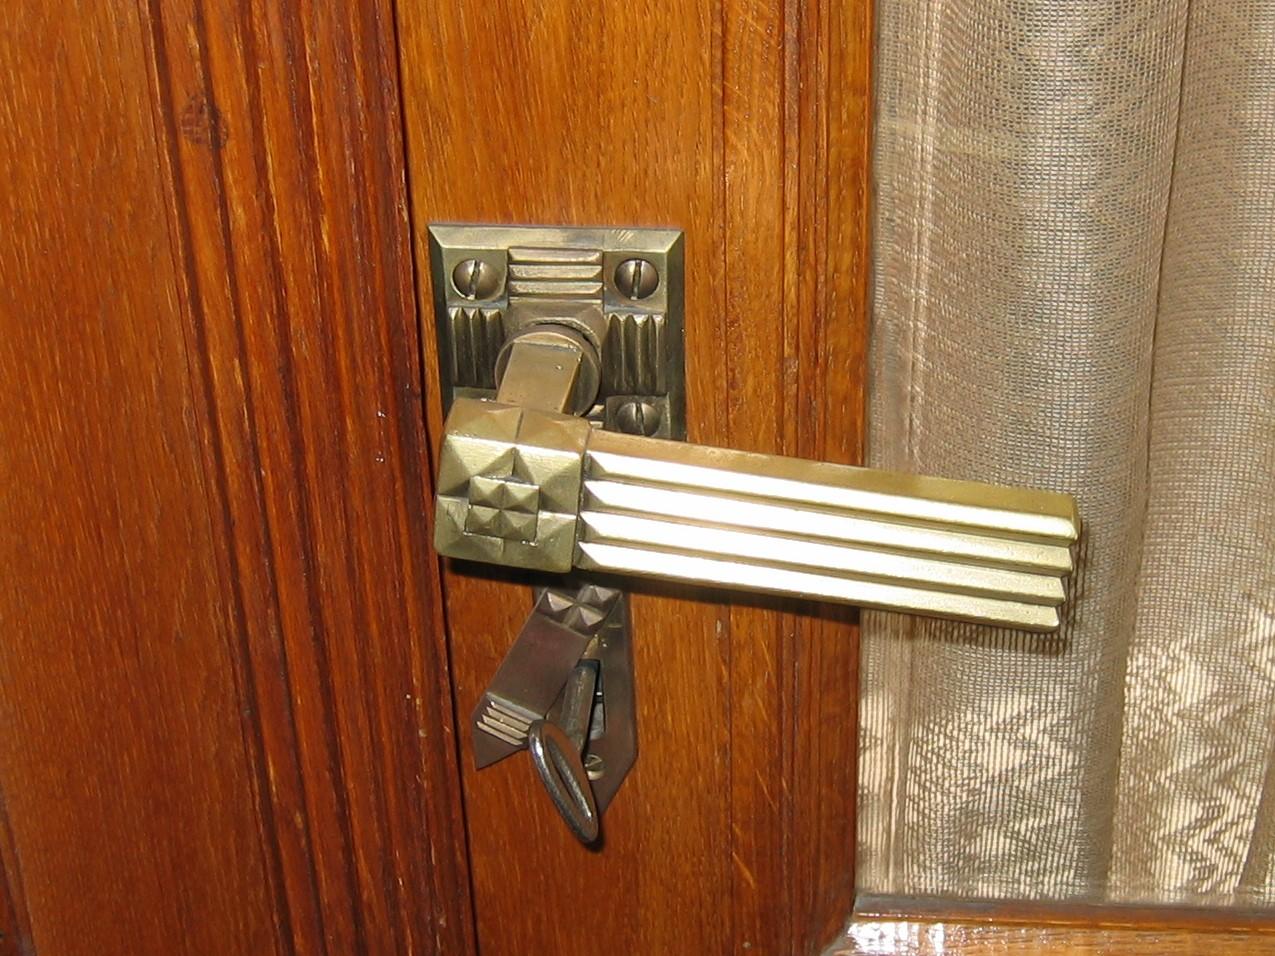 Klamka w stylu art deco, drzwi wewnętrzne w gmachu d. Banku Polskiego, ul. 10 Lutego 20-22